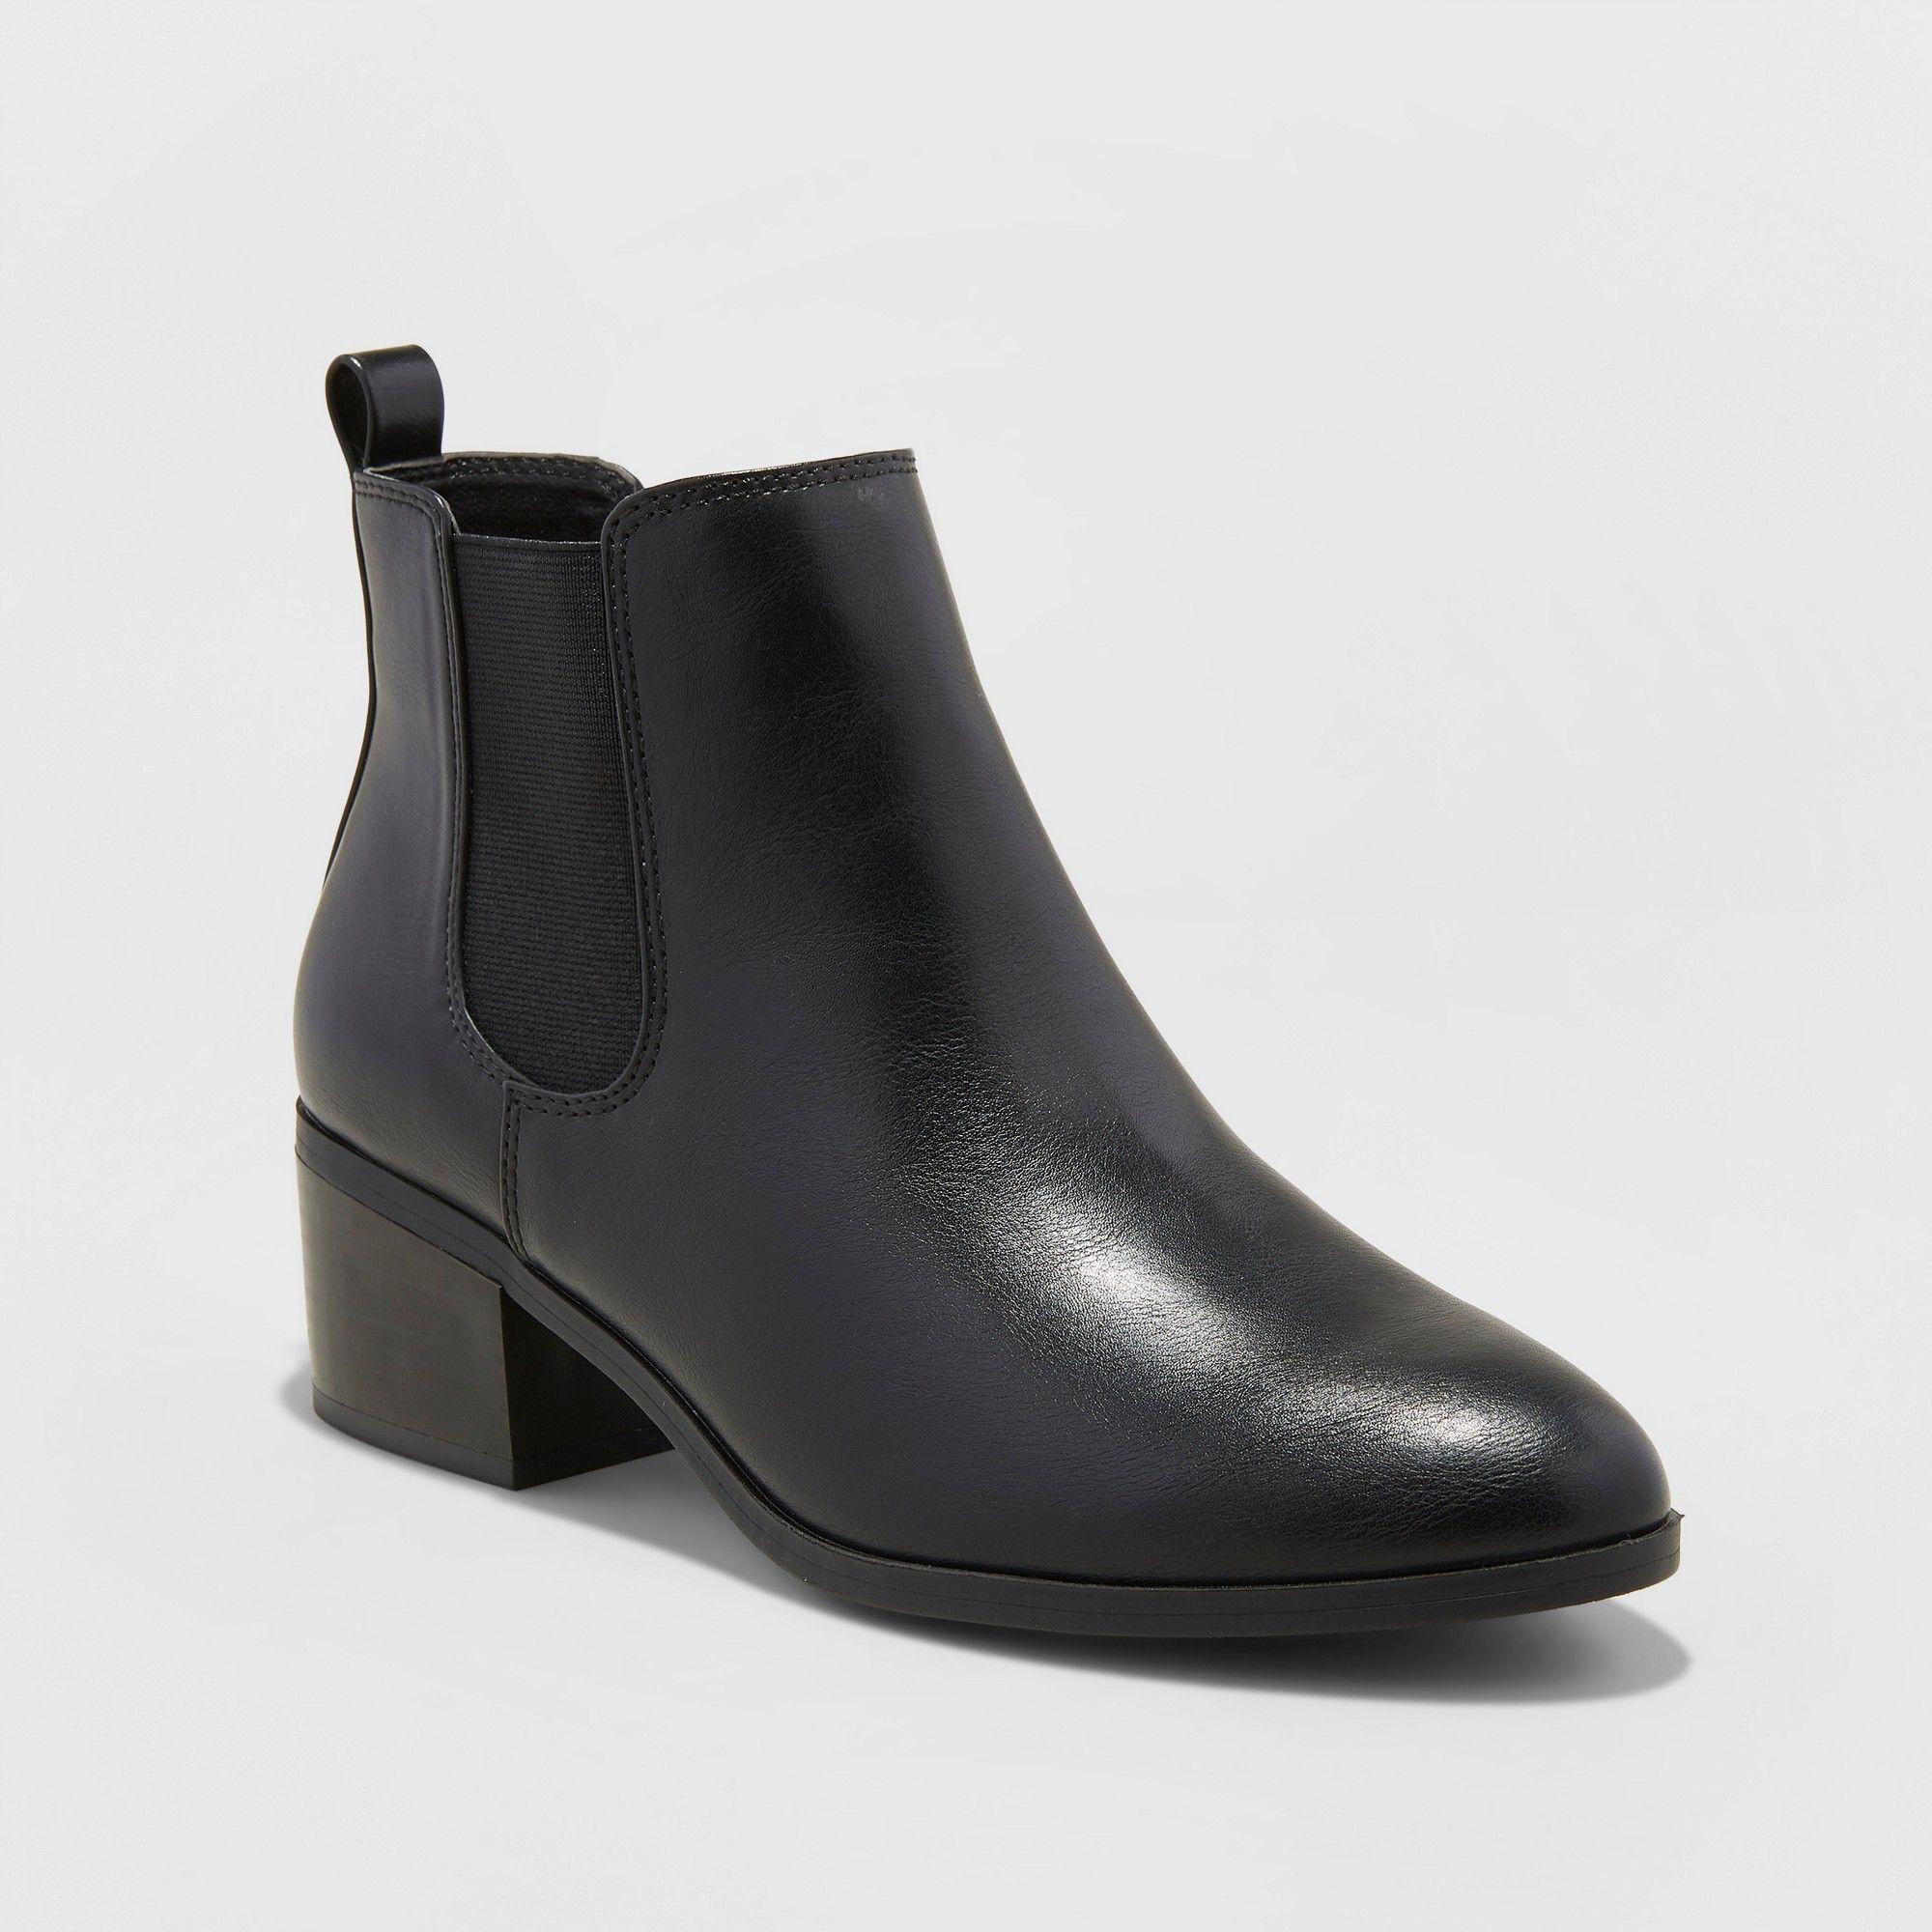 Women s Ellie Wide Width Chelsea Boots - A New Day Black 7.5W, Size  7.5  Wide 423fce2f7e